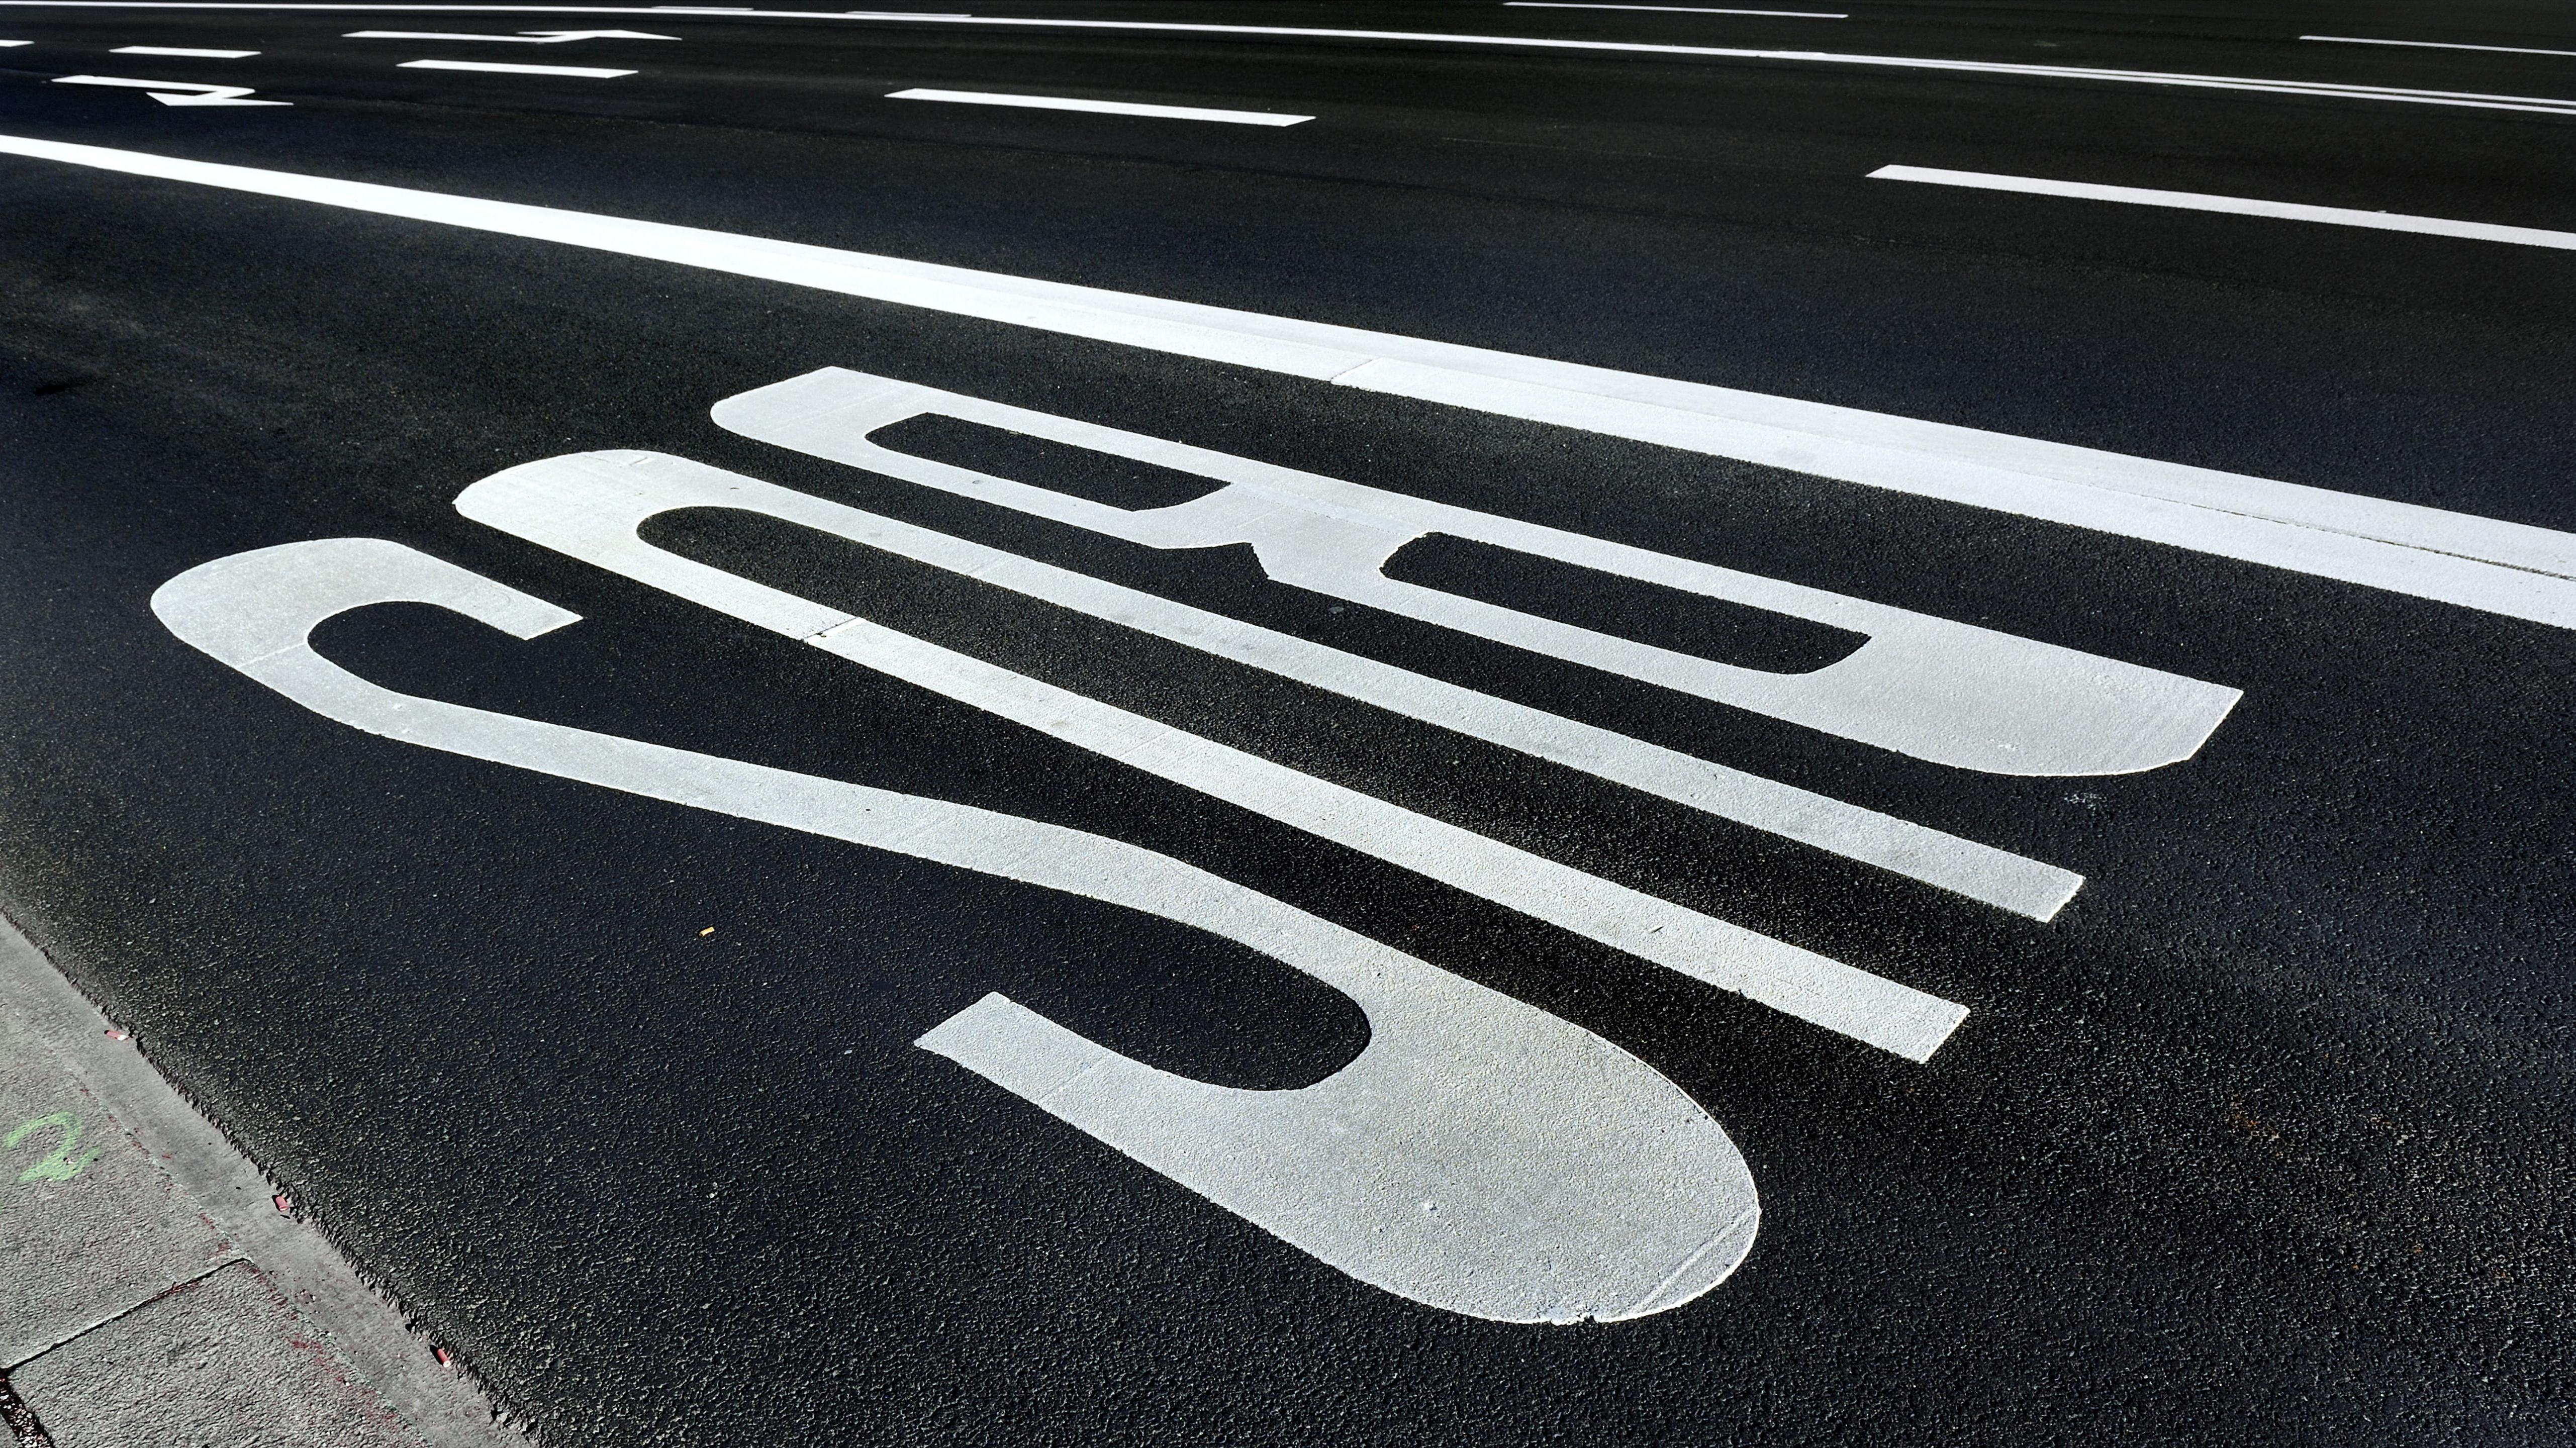 Markierung für eine Busspur auf einer Straße